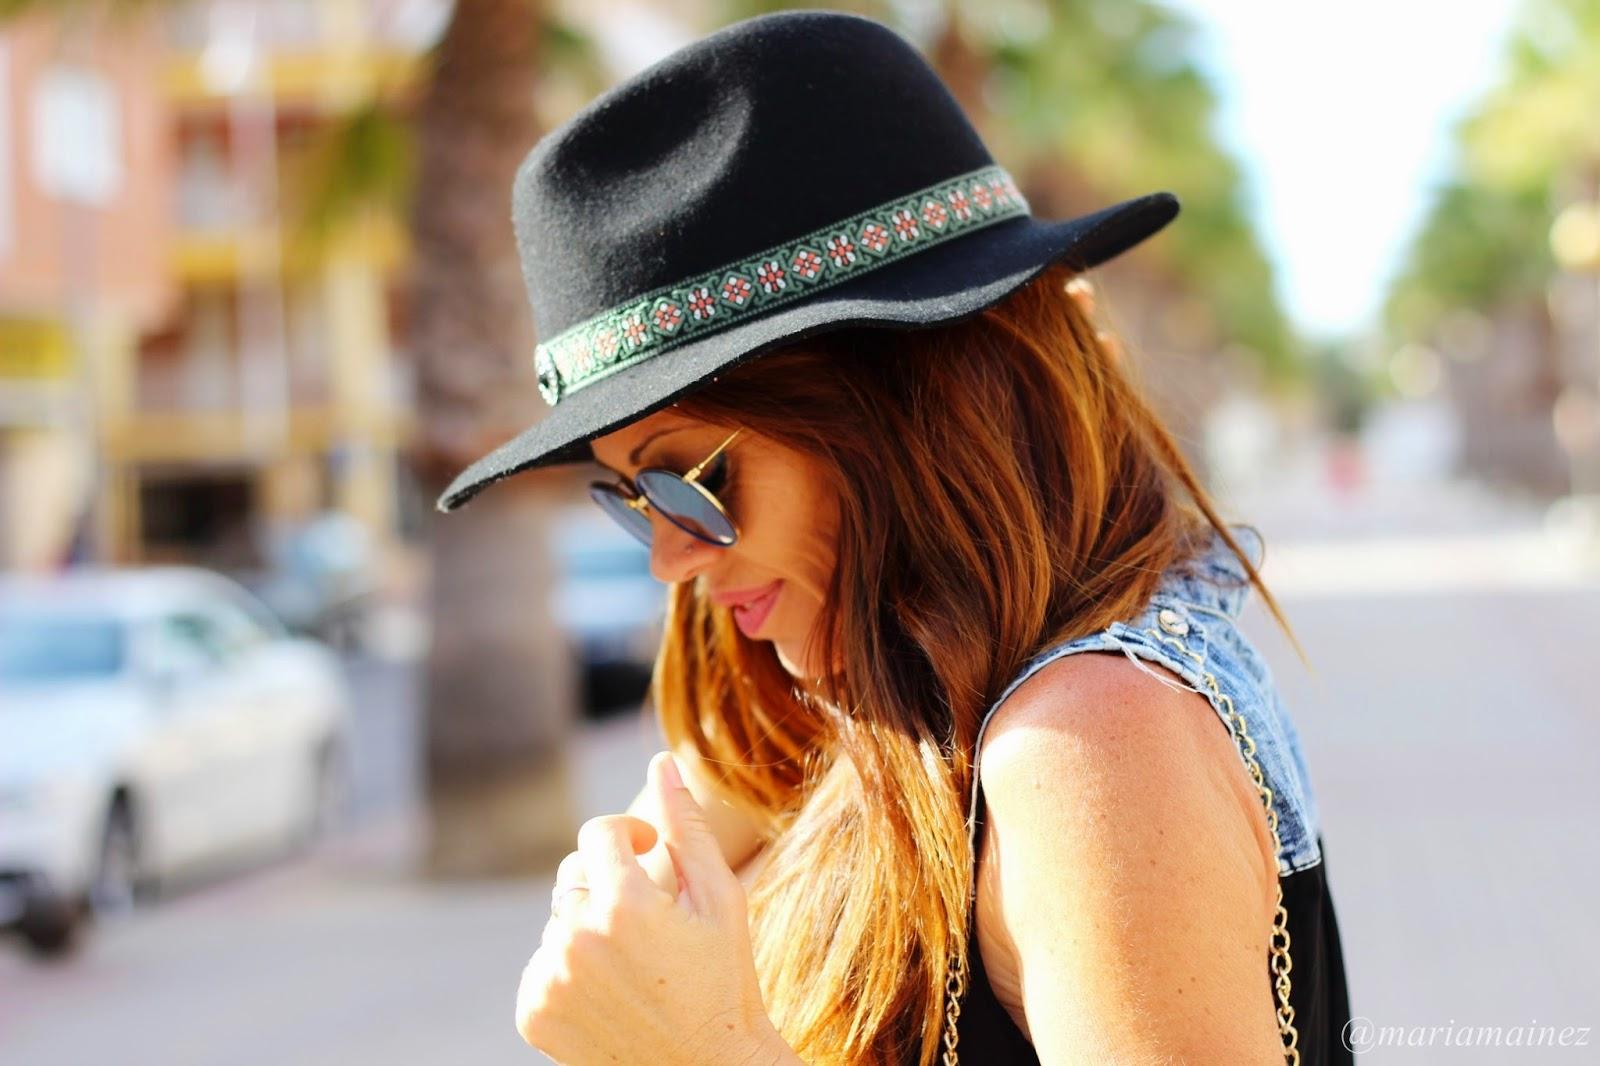 Tendencias Otoño 2014 - Blogger Alicante- Rayban sunnies